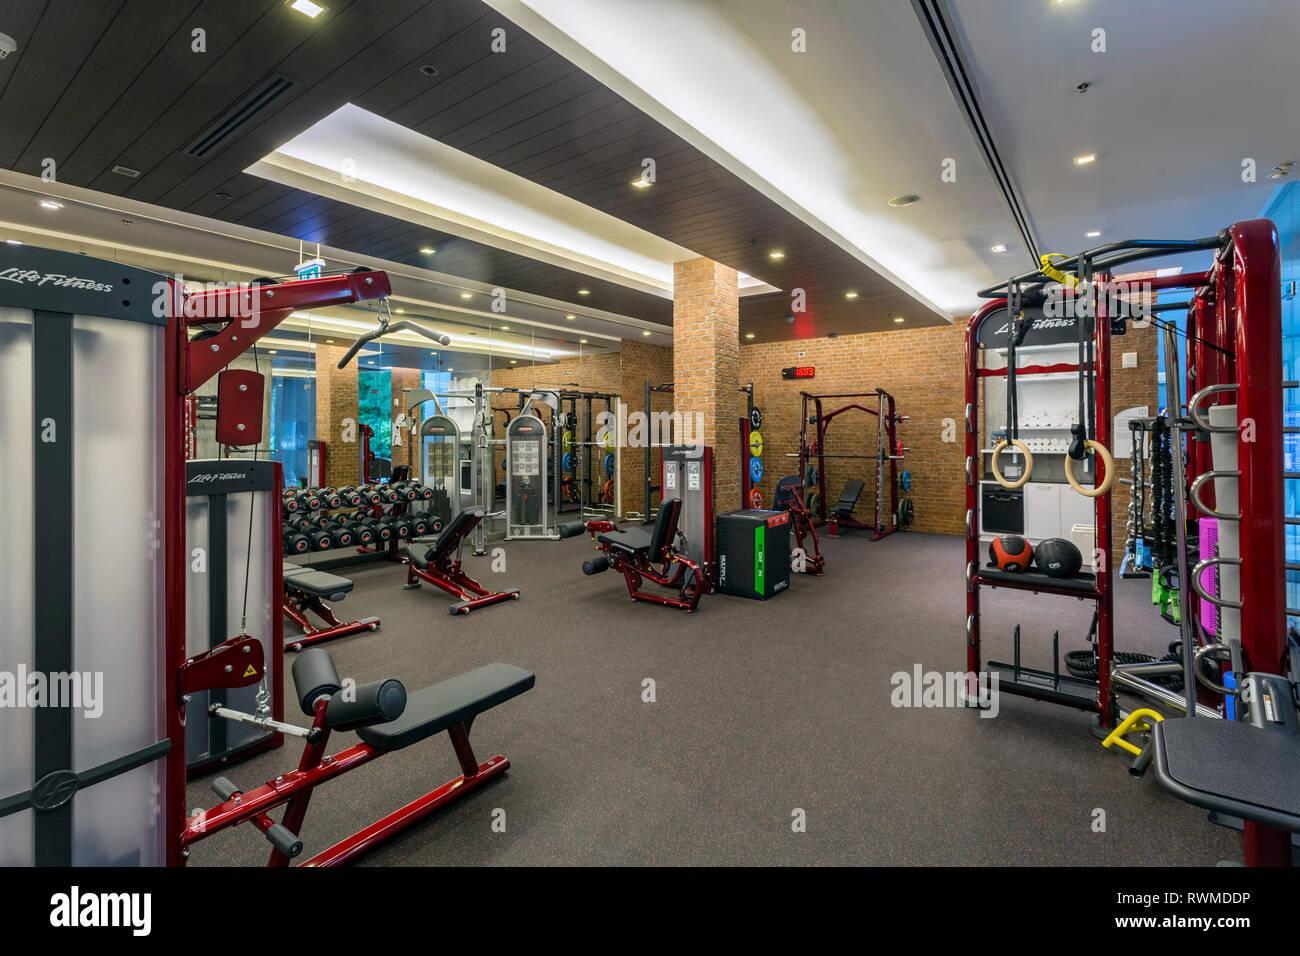 Centre de remise en forme et un club de santé dans le complexe hôtelier de luxe Hôtel Renaissance Phuket Resort & Spa en Thaïlande. Photo Stock